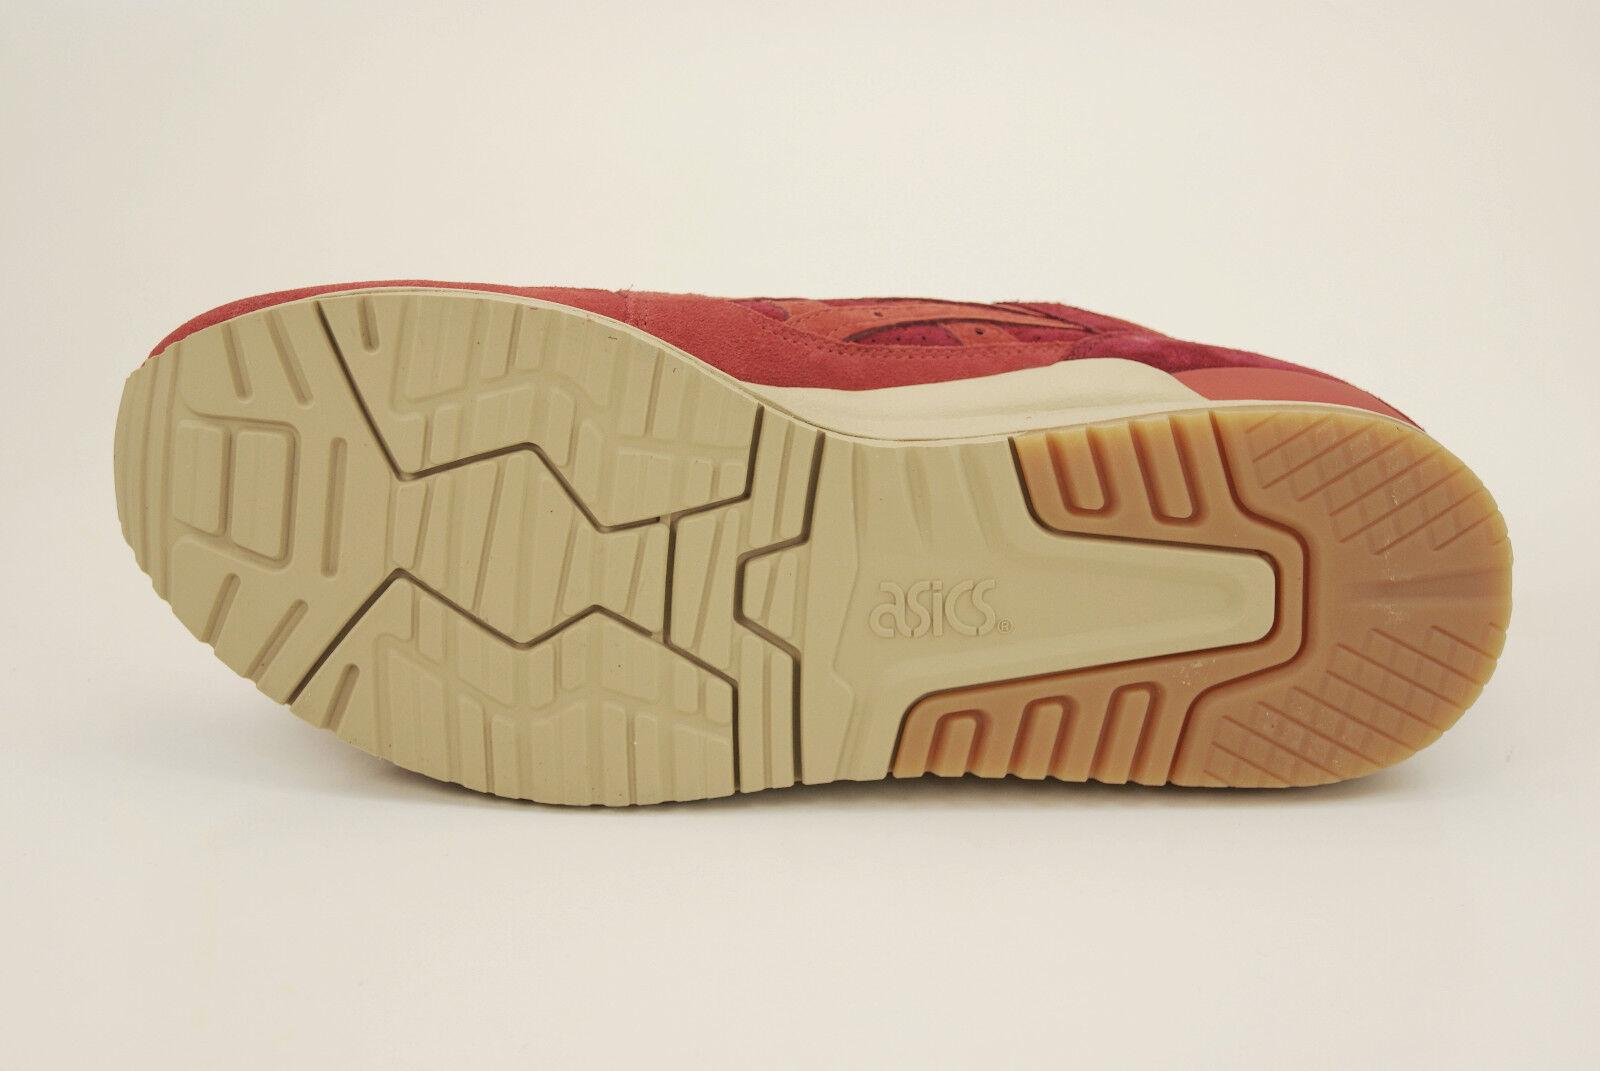 Asics gel-Lyte III 3 caballero Moonwalker Pack zapatillas de deporte caballero 3 zapatillas Zapatos señora 241f59